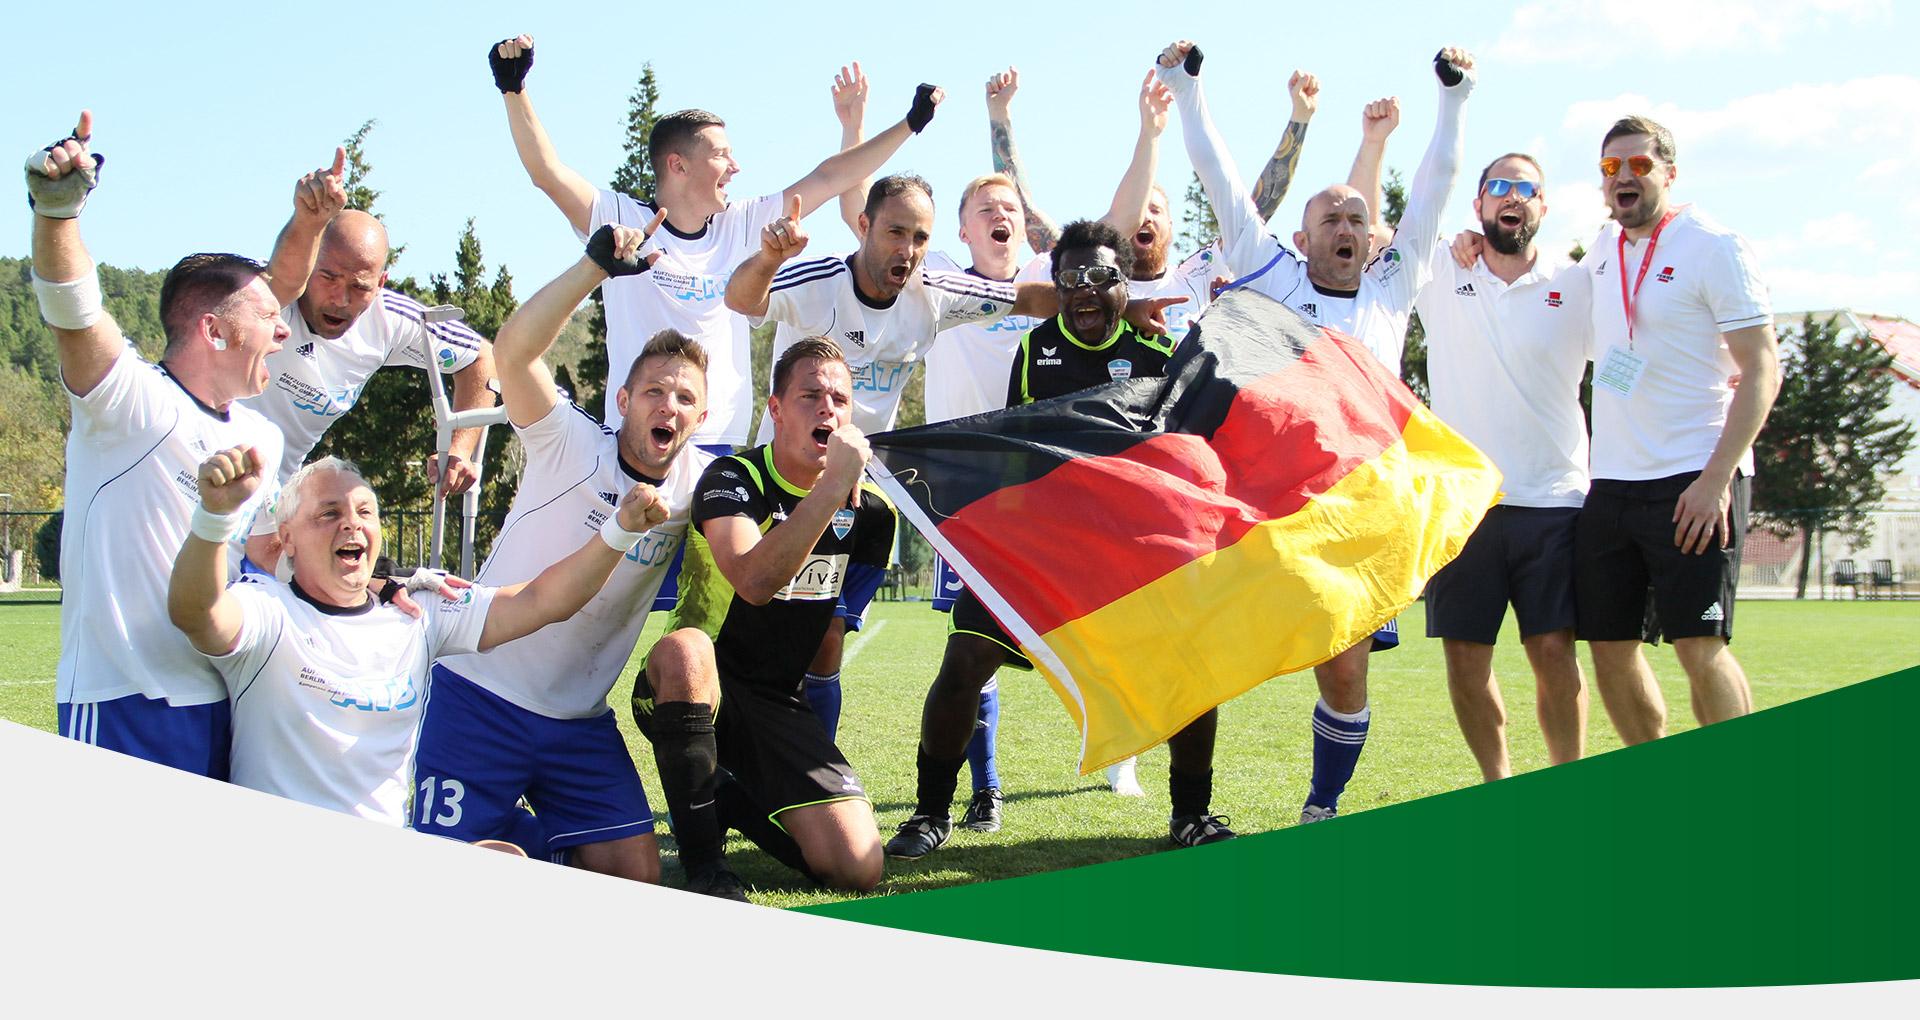 Kopfbild: jubelnde Amputierten Fußballmannschaft in einem Stadion. Die beiden Torhüter halten eine Deutschlandfahne hoch